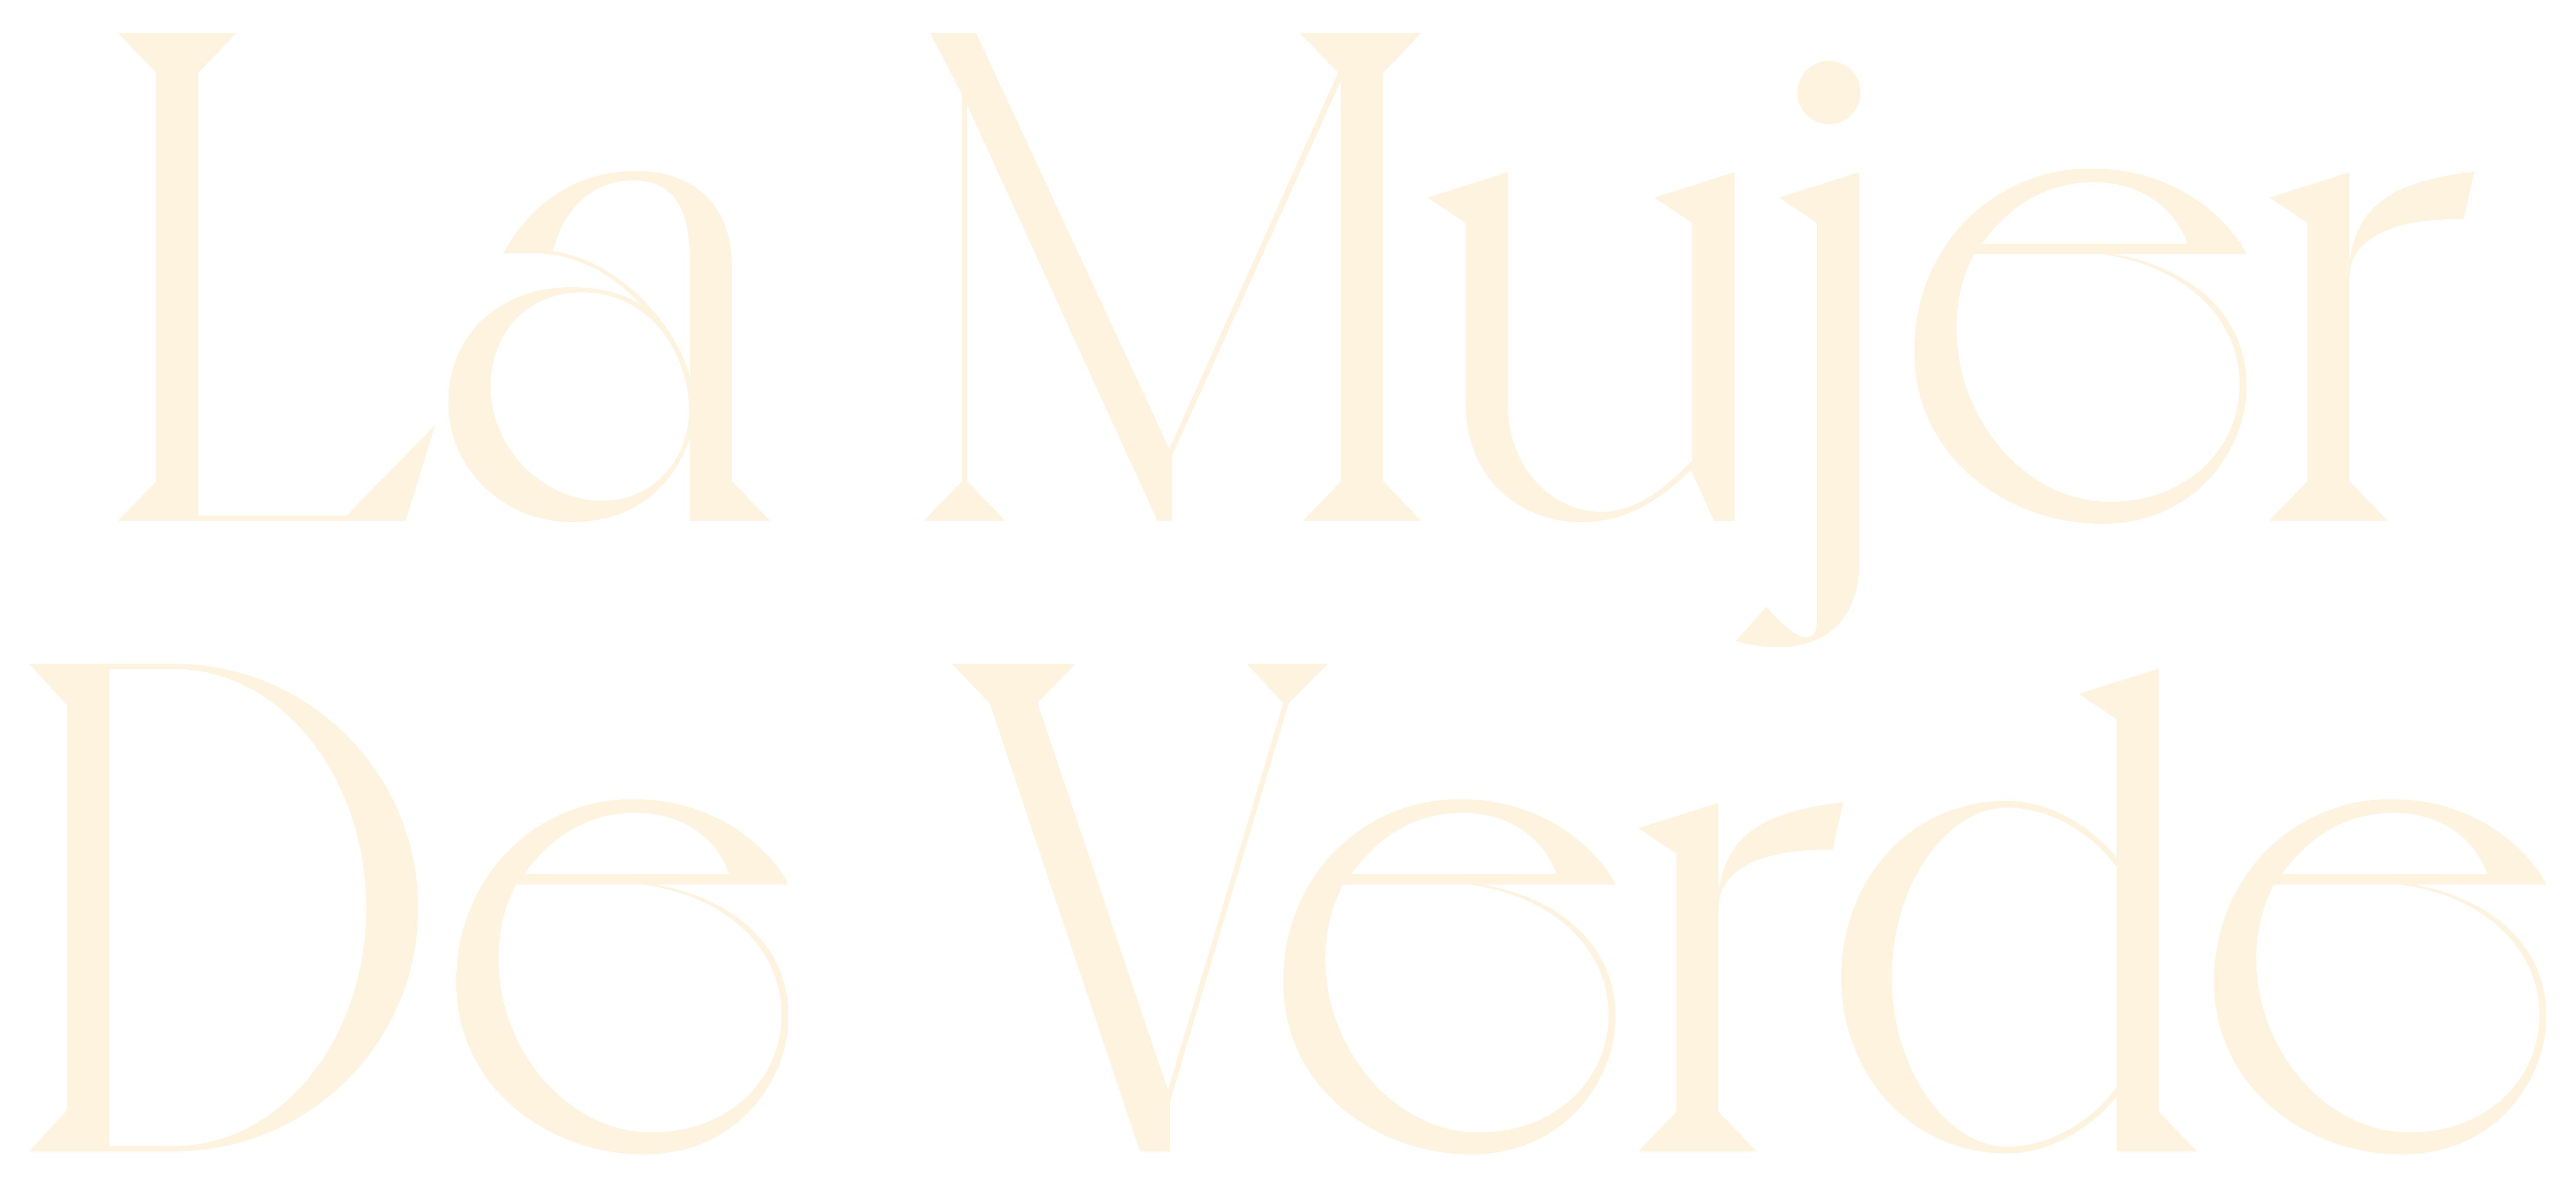 La-Mujer-de-Verde-Logotipo-2-02-1